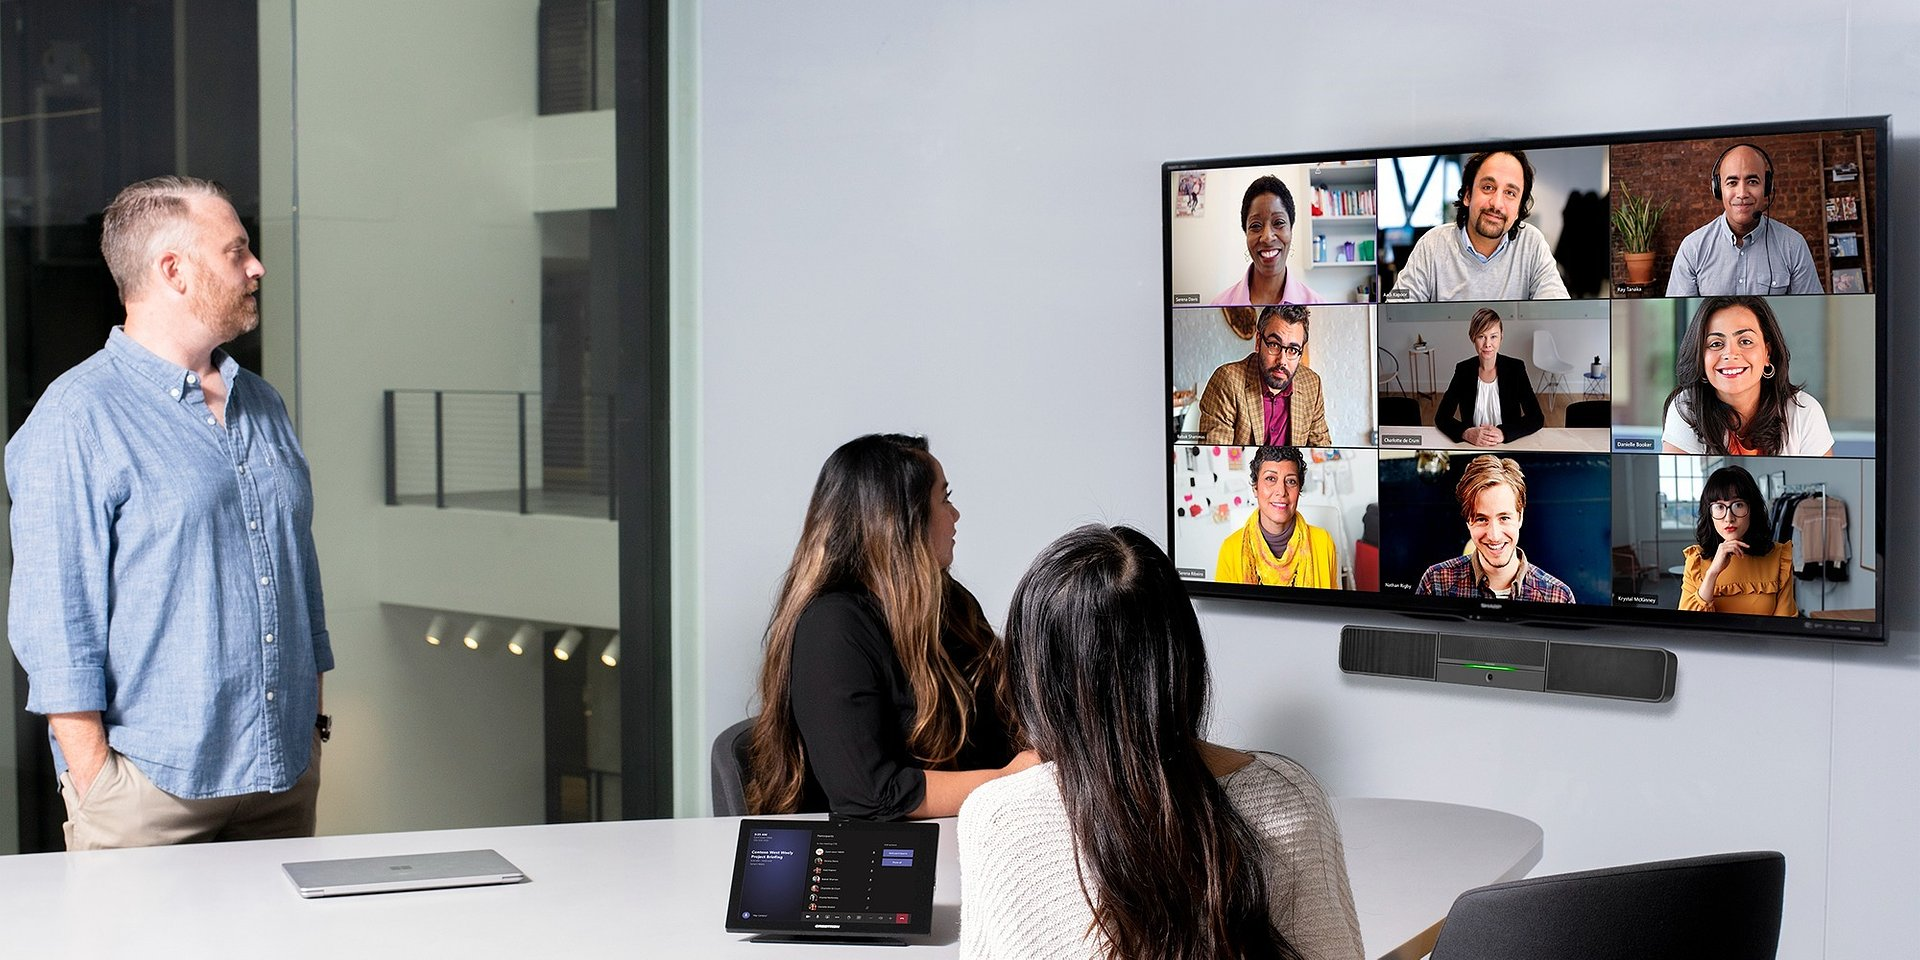 Microsoft e LinkedIn revelam novas tendências para capacitação do trabalho híbrido